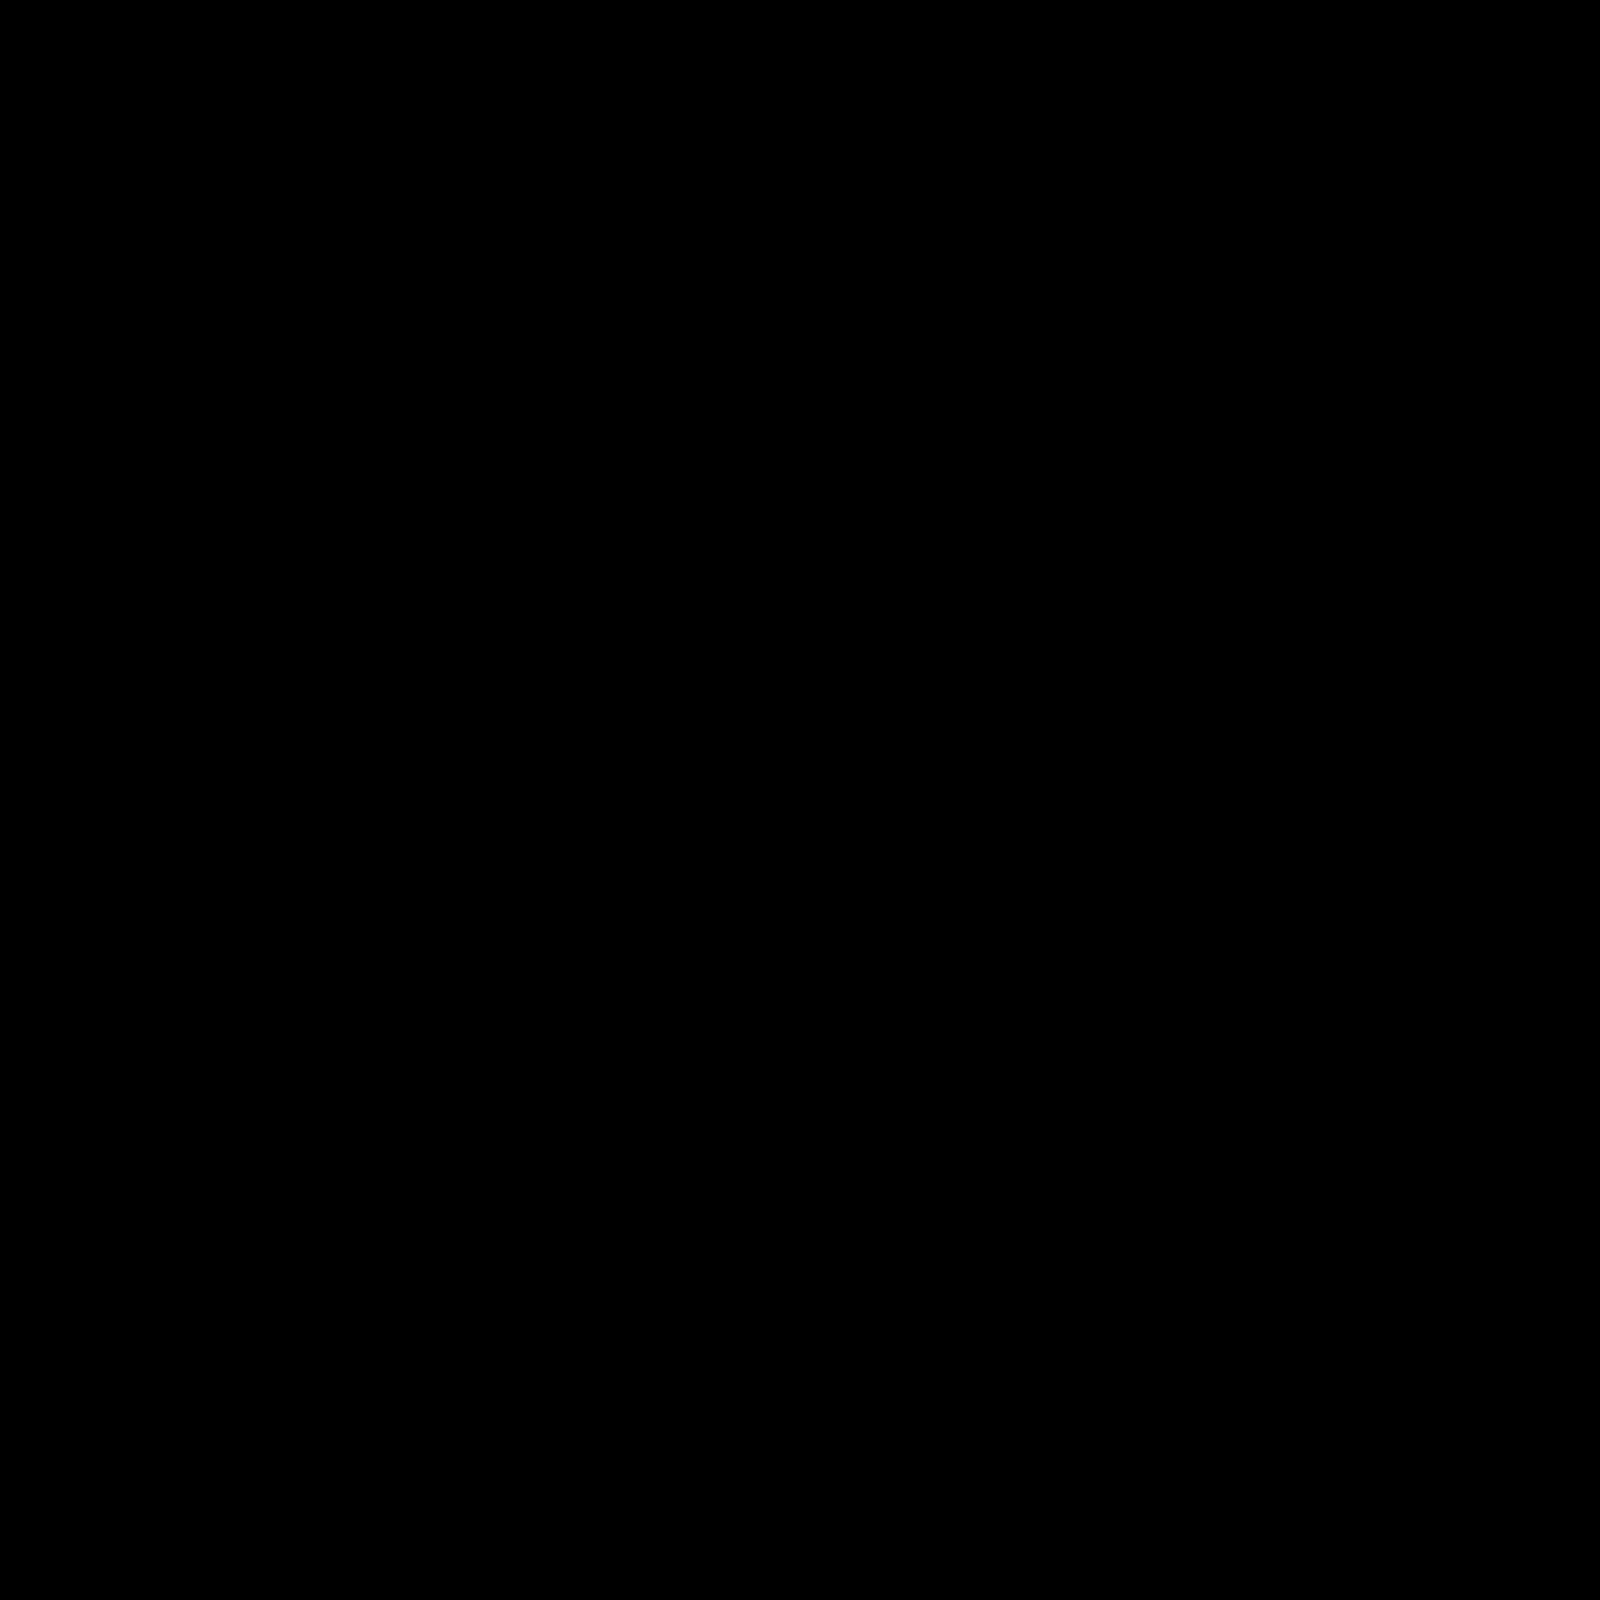 Folder rozszerzenia icon